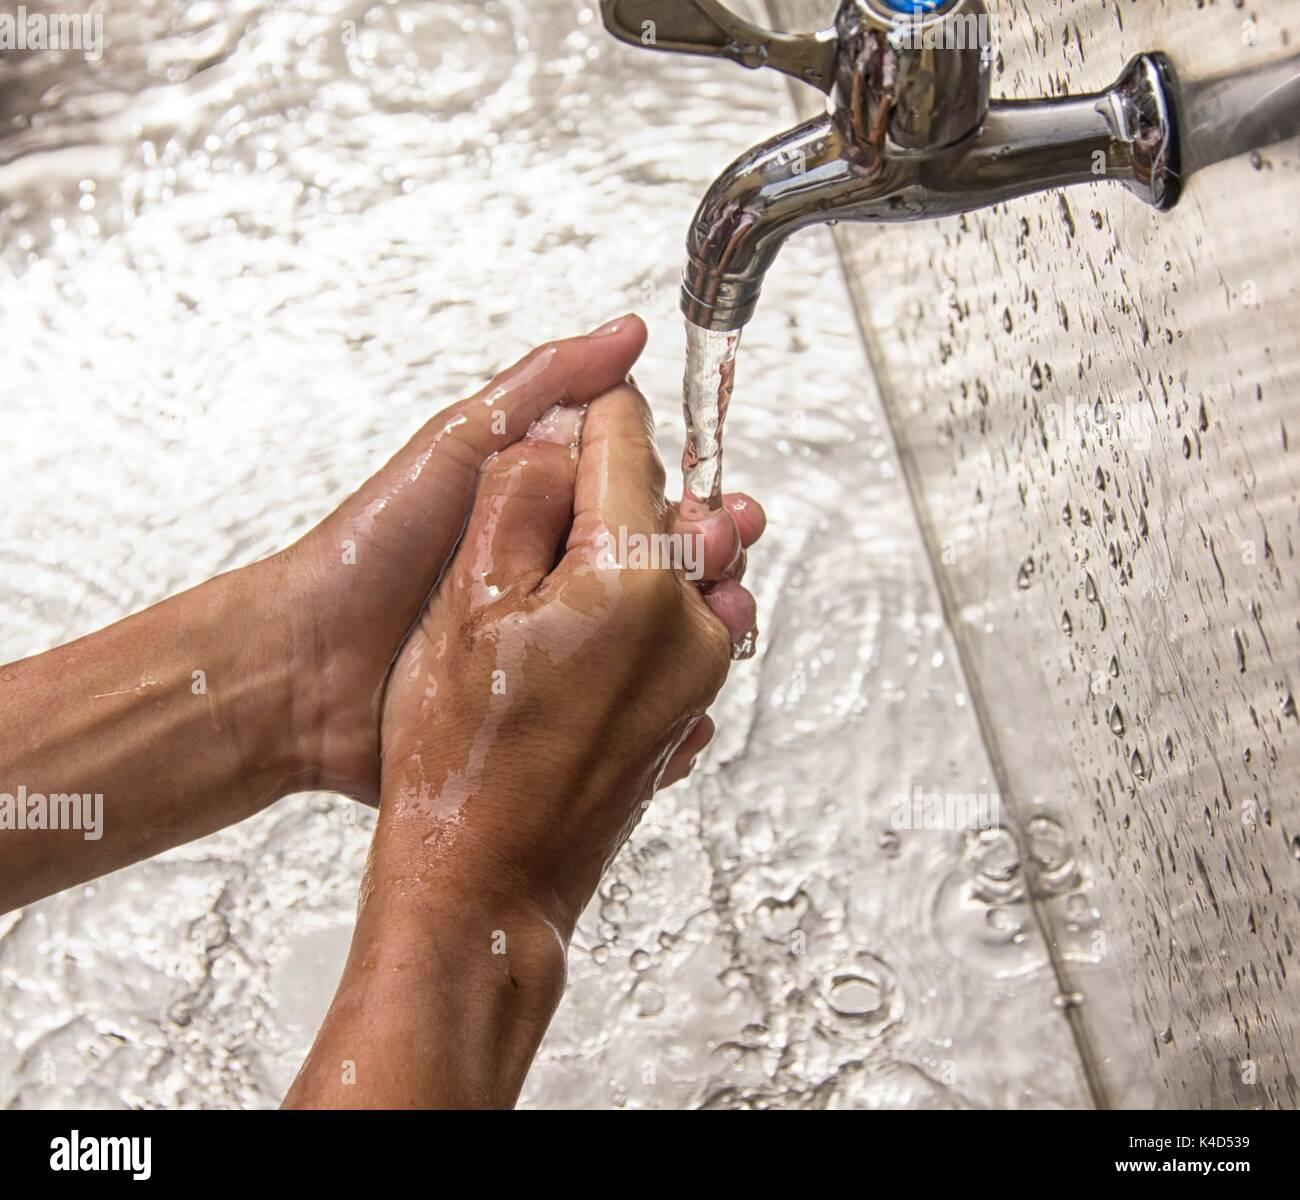 Closeup of an individual hand washing. - Stock Image